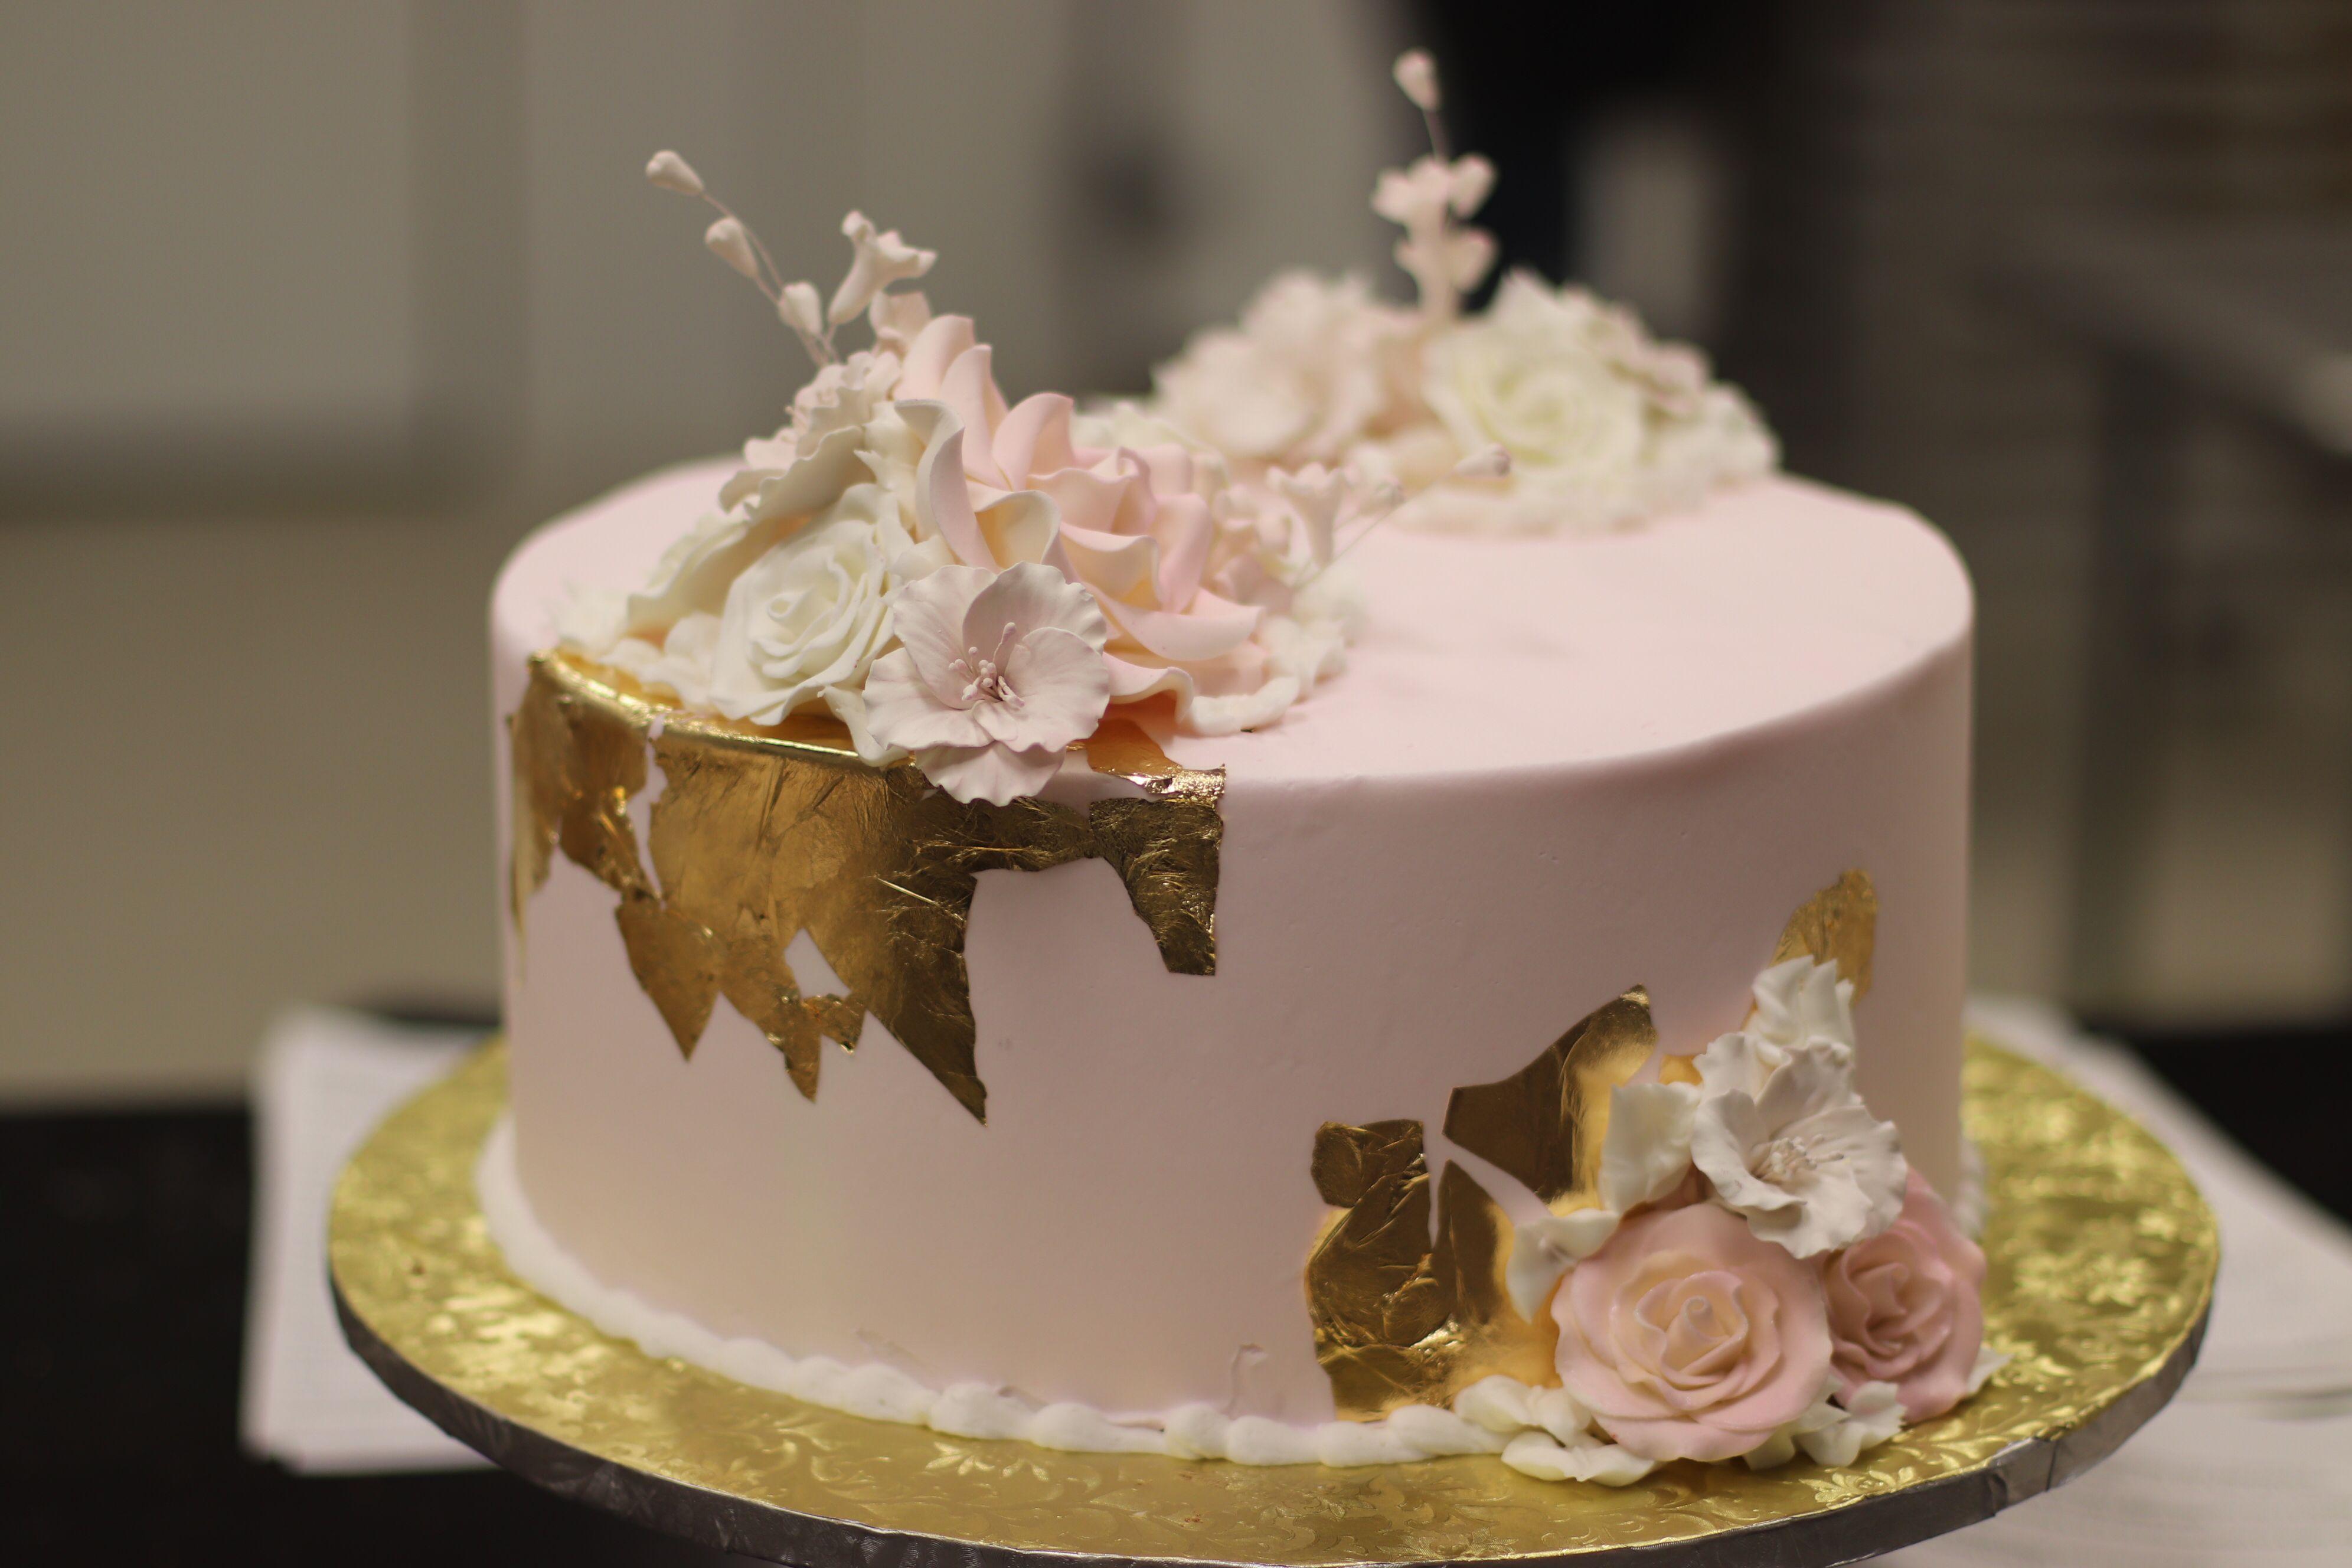 Strange A Little Cake Custom Birthday Cakes Wedding Cakes Nj Nyc Personalised Birthday Cards Petedlily Jamesorg